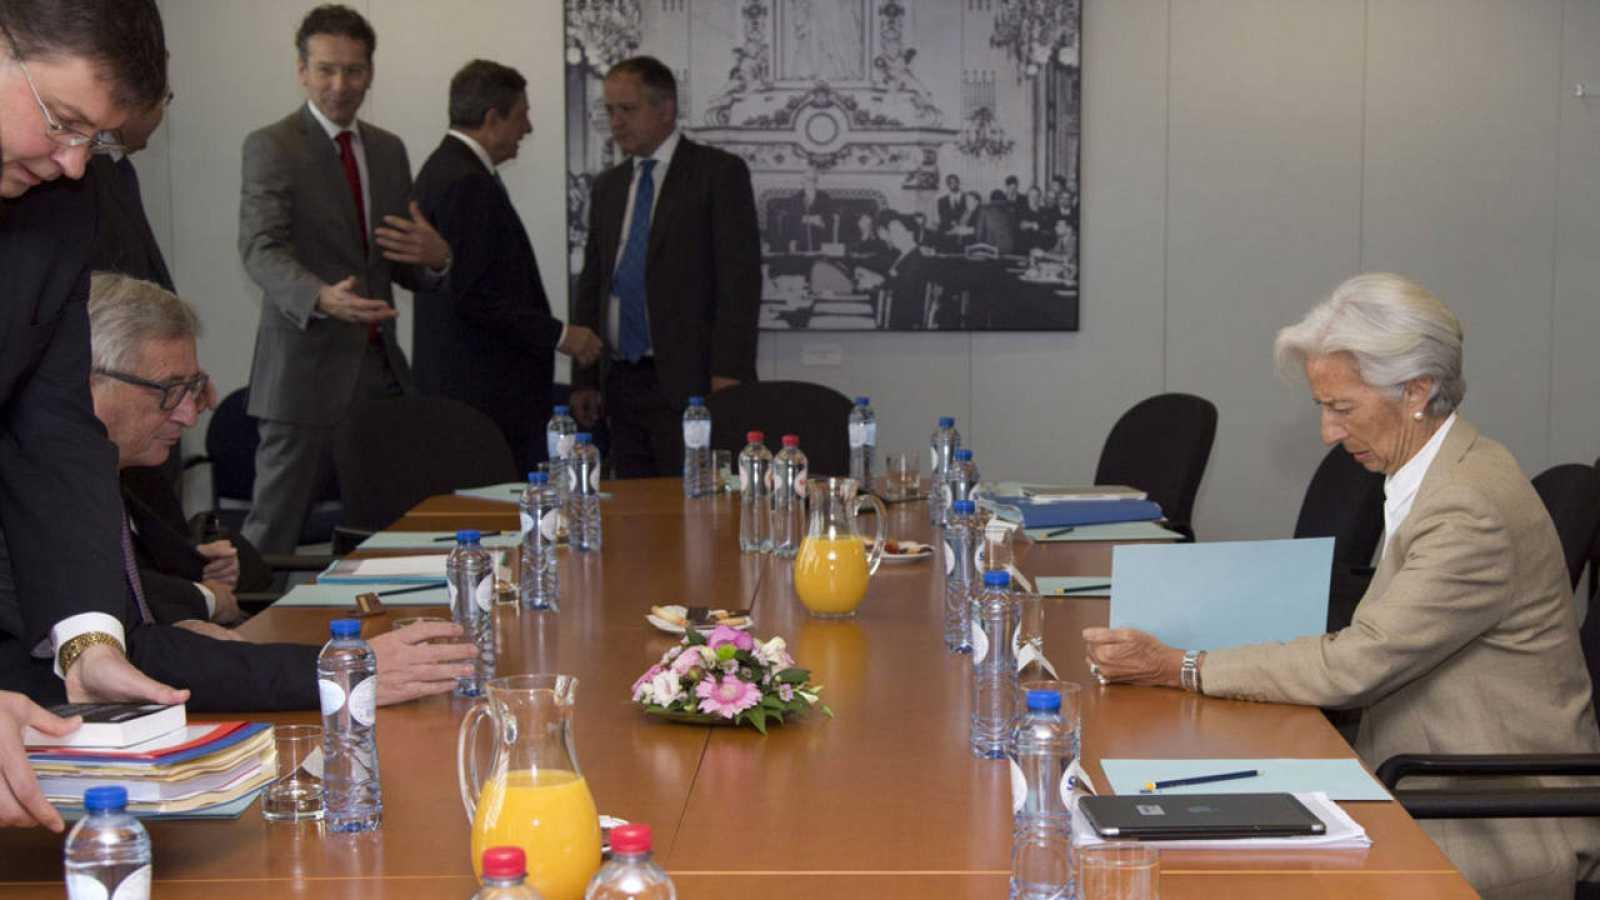 Reunión de los máximos responsables de las instituciones acreedoras de Grecia